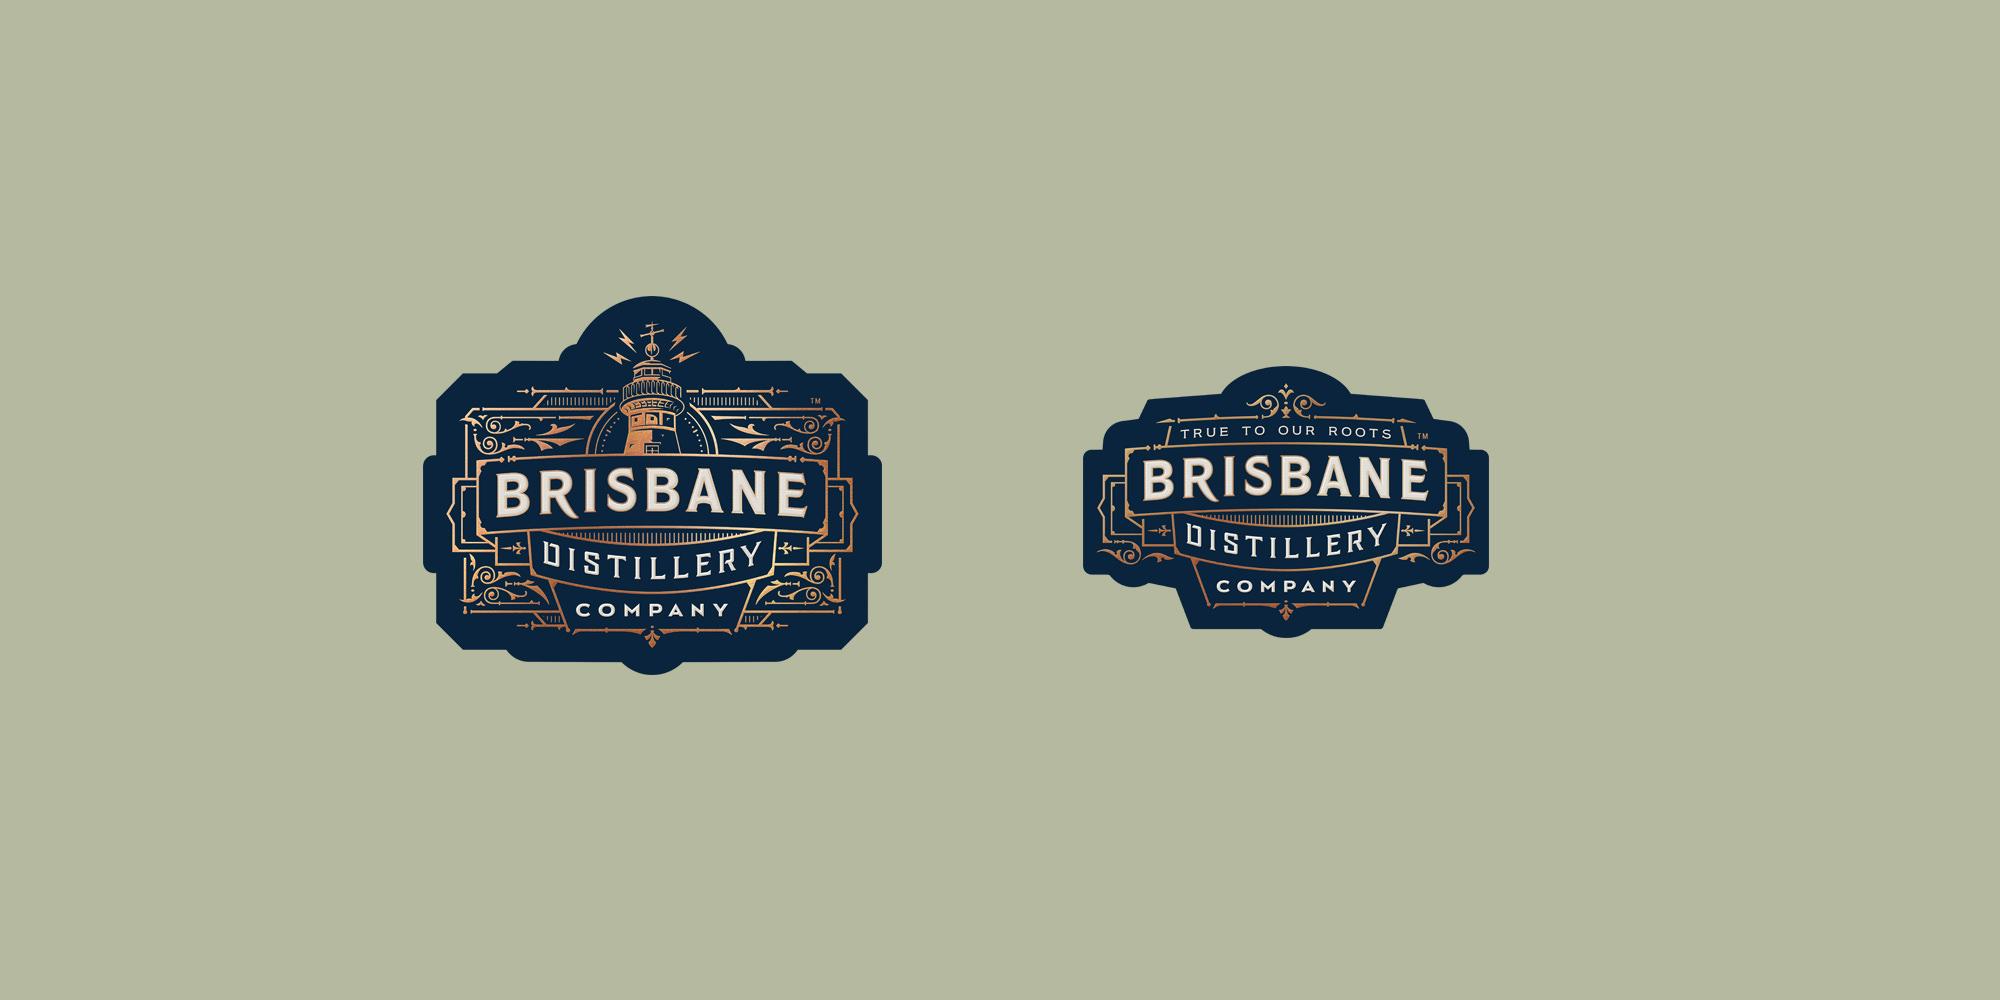 Alchohol Spirit packaging branding tool kit logos